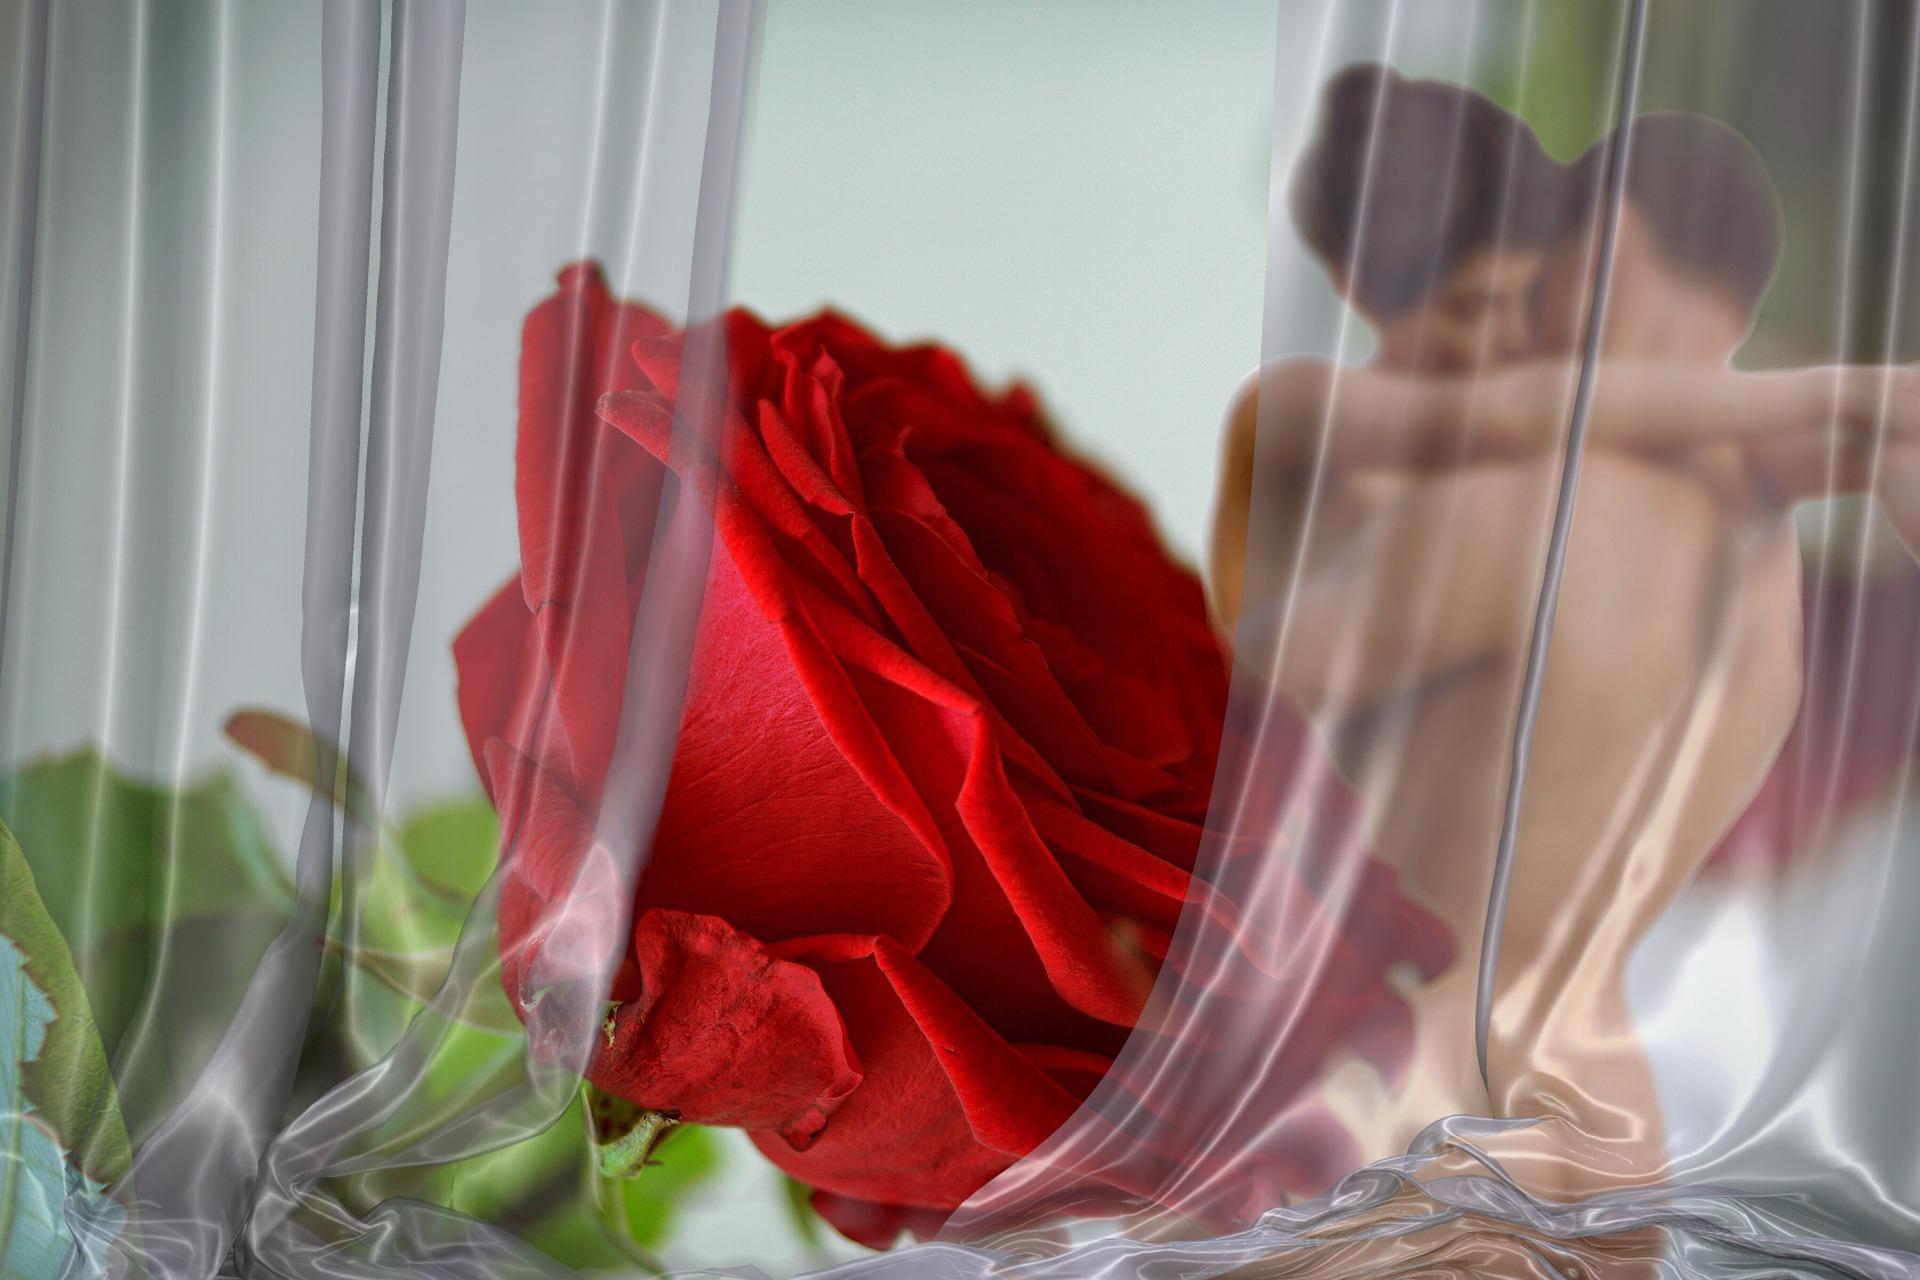 rose-2717785_1920